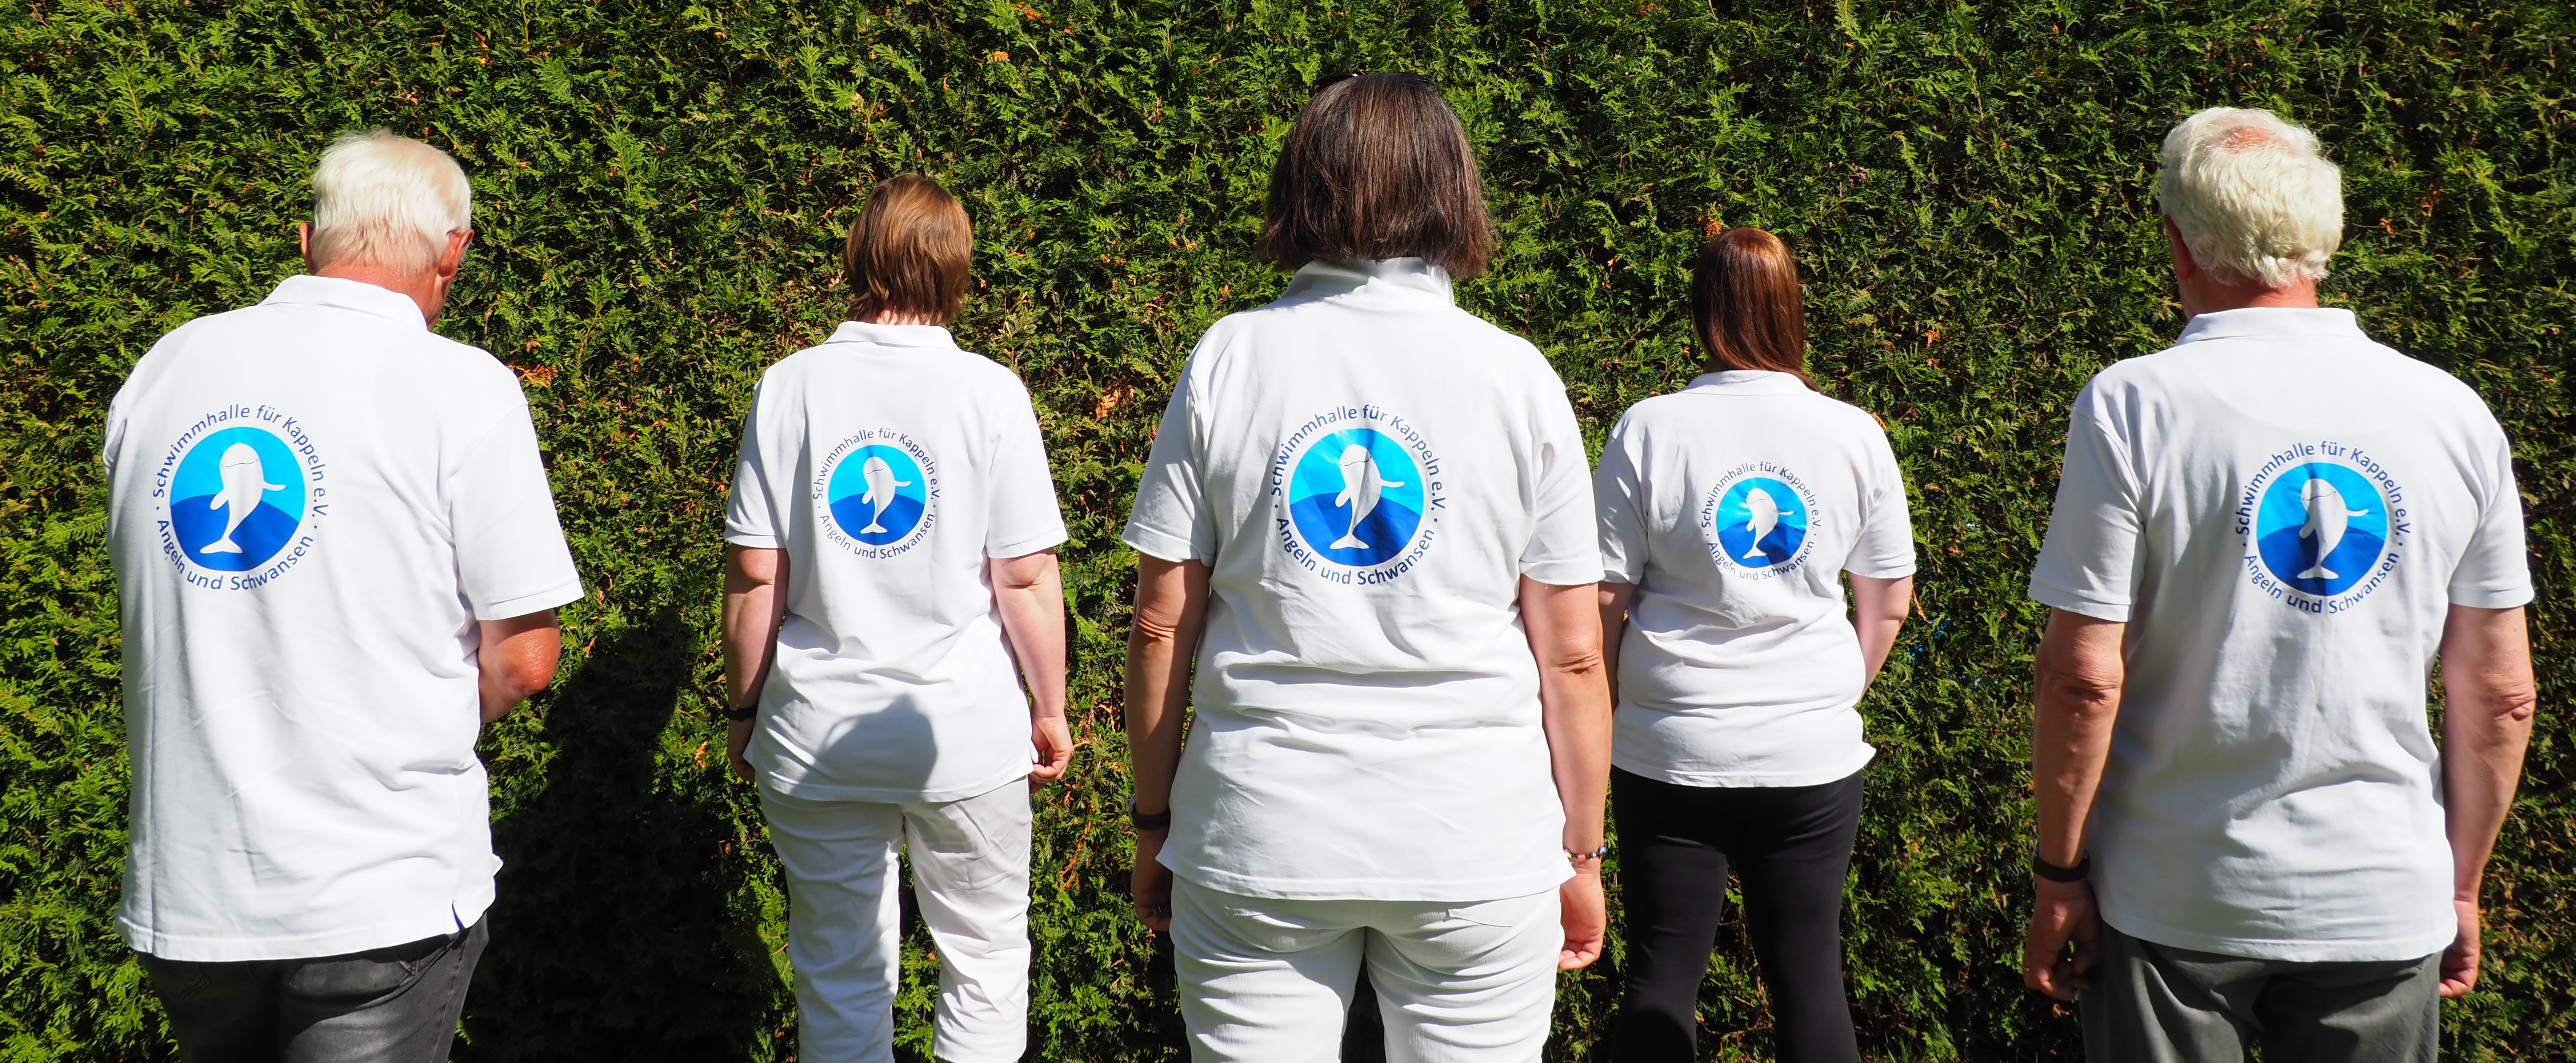 Fünf Personen mit einem Schwimmhalle für Kappeln Shirt zeigen ihren Rücken in die Kamera